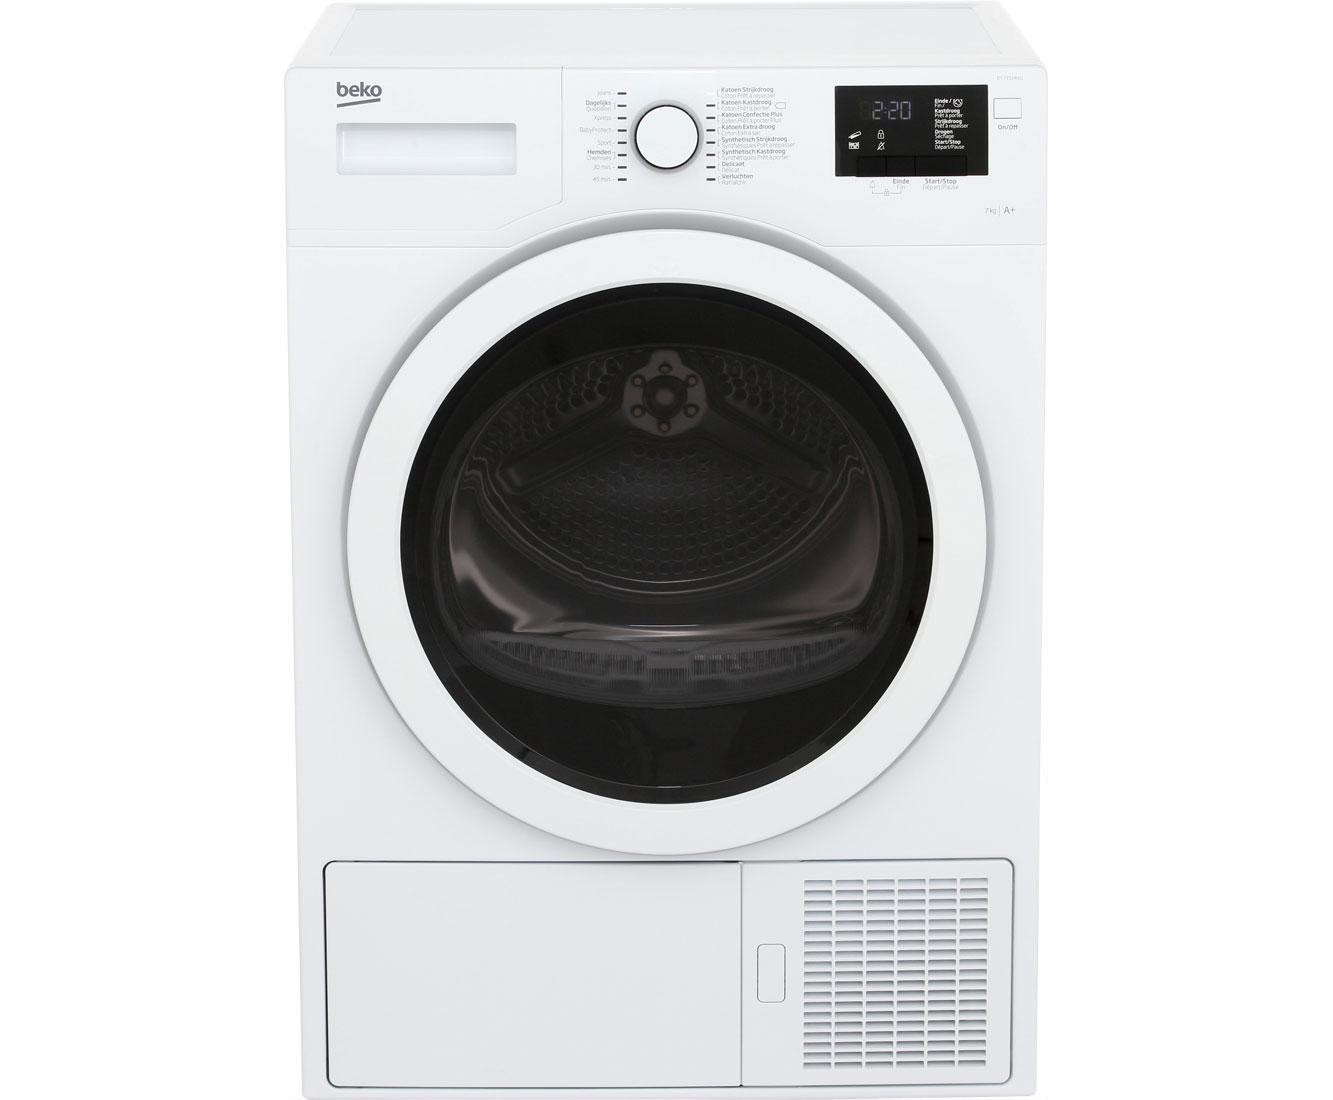 Beko warmtepompdroger review – Huishoudelijke apparaten